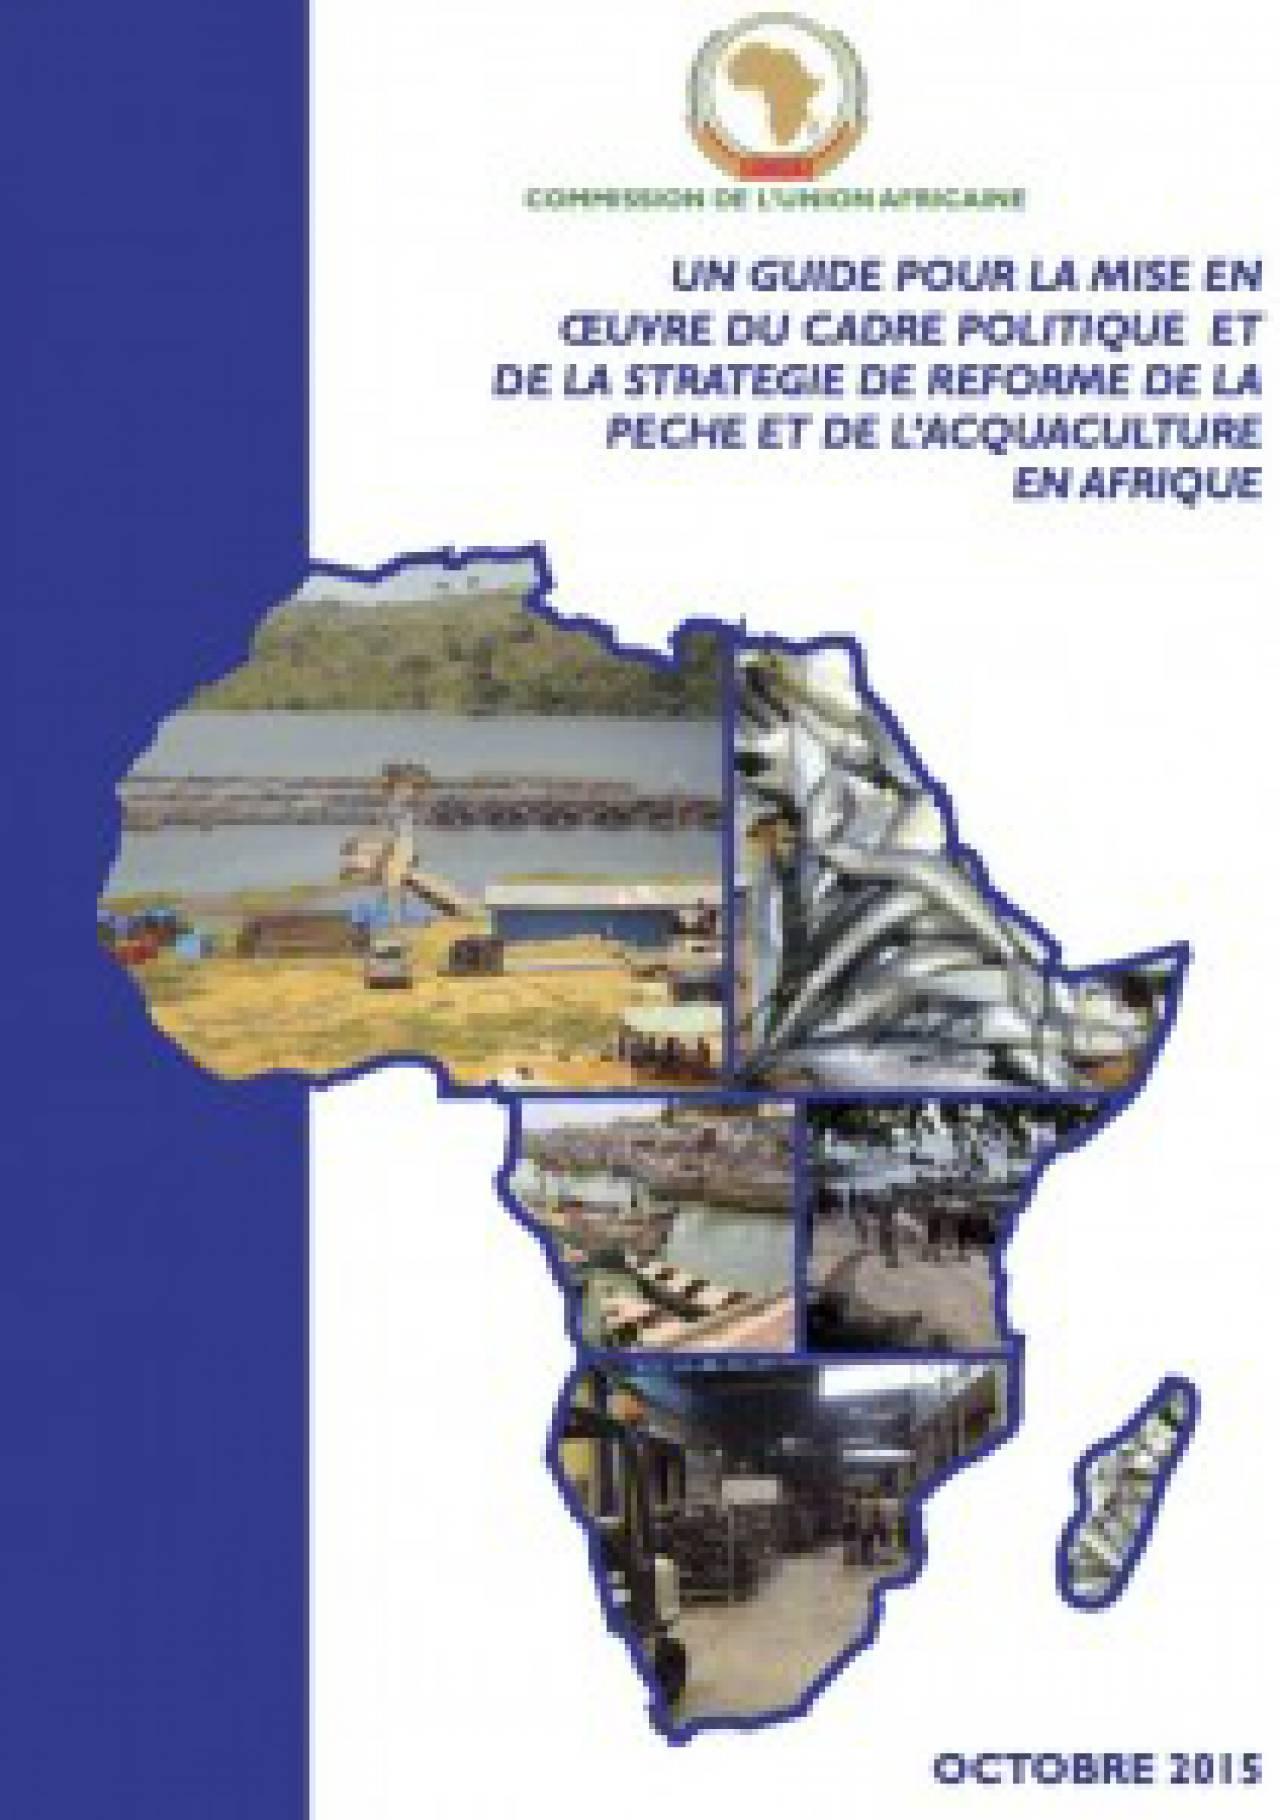 Guide pour la mise en œuvre du cadre politique et de la stratégie de réforme de la pêche et de l'aquaculture en Afrique